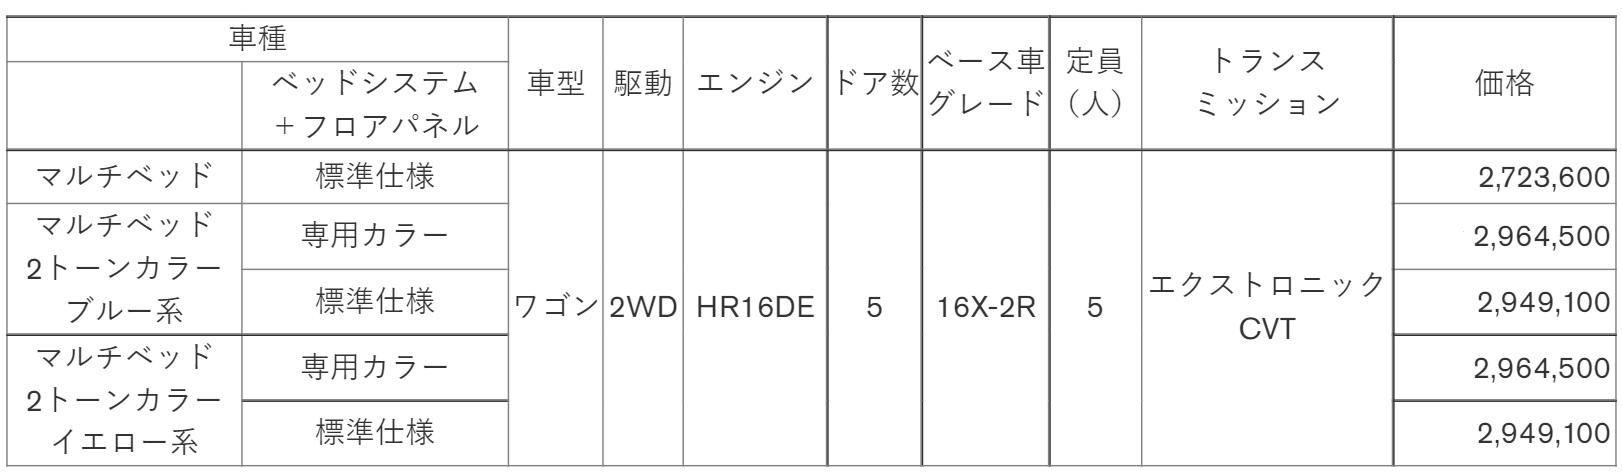 「マルチベッド」価格表